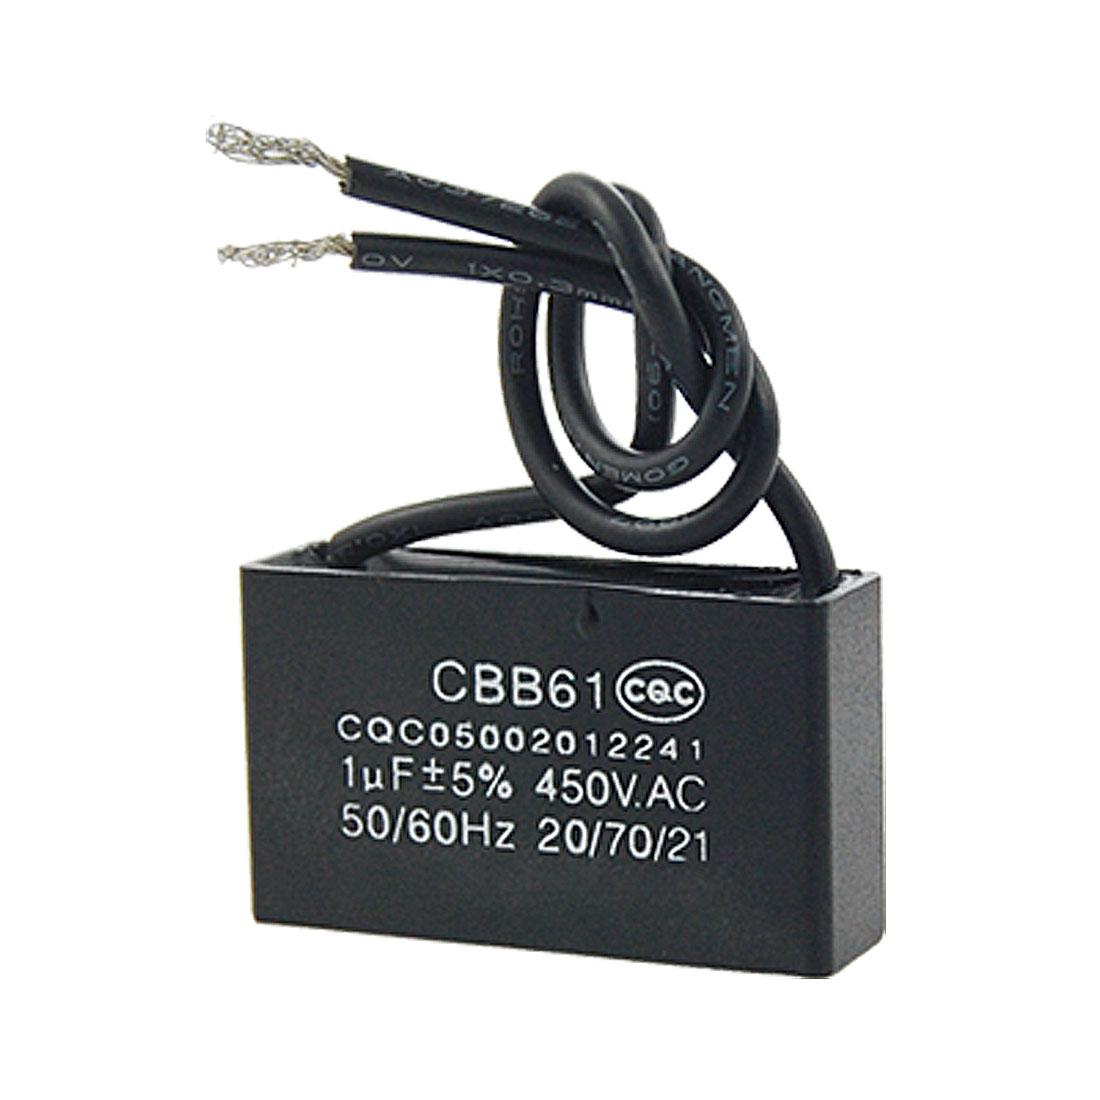 CBB61 1uF AC 450V Ceiling Fan Motor Running Capacitor